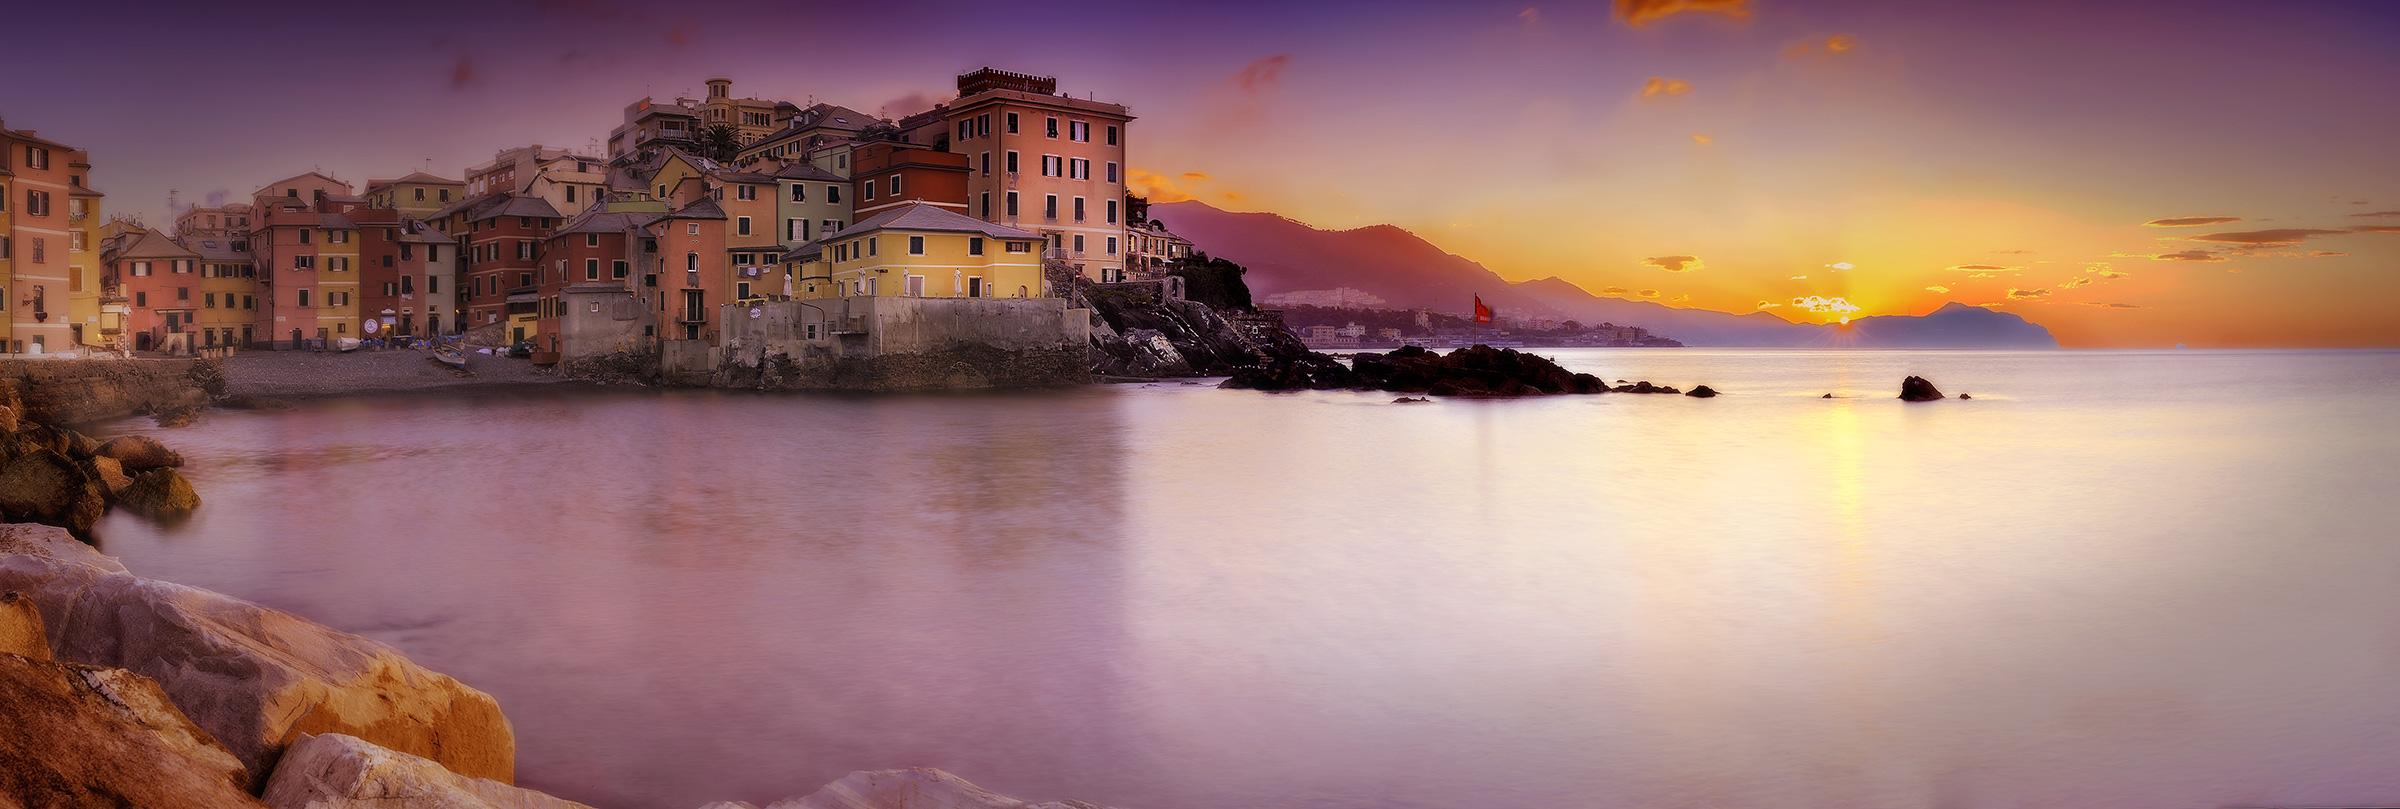 L'alba a Boccadasse......